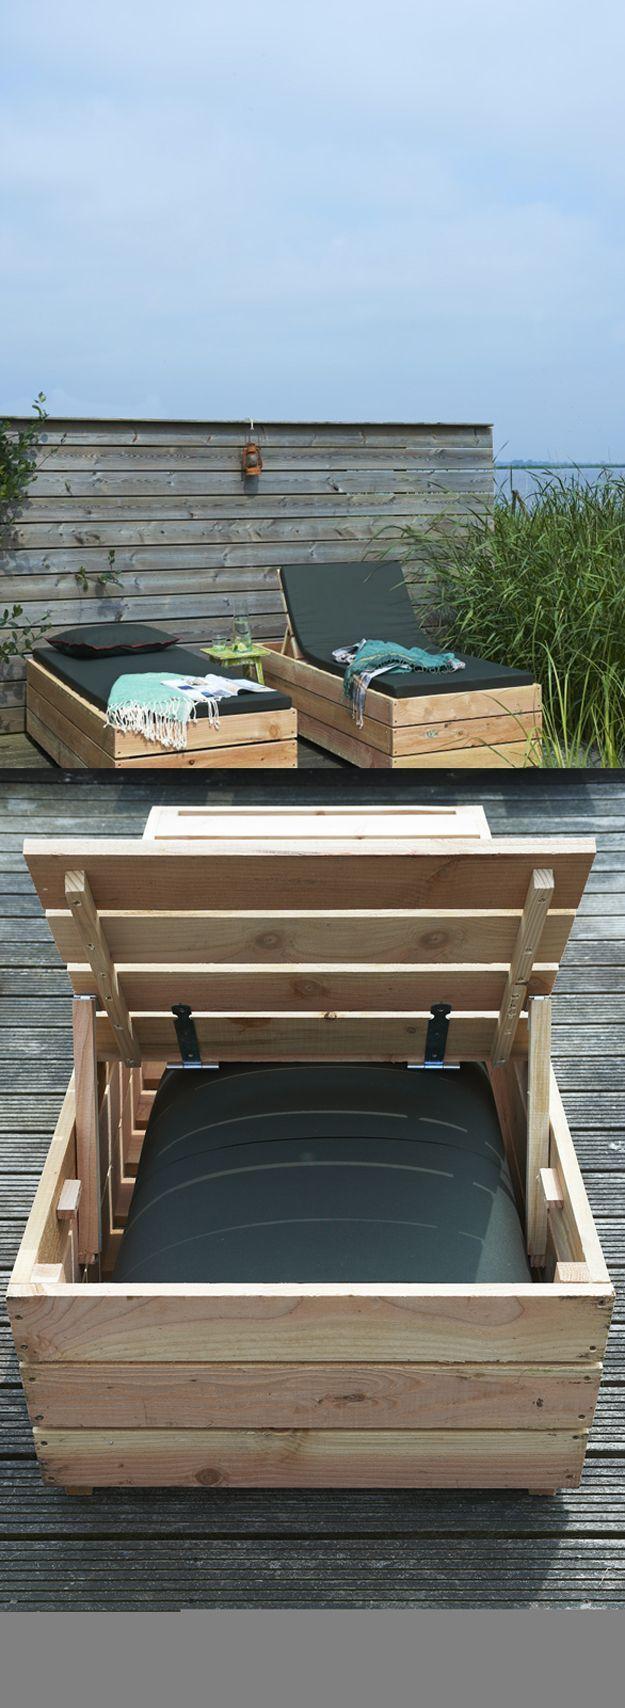 Bain De Soleil Palette diy bain de soleil en palettes | construction bois | pinterest | diy